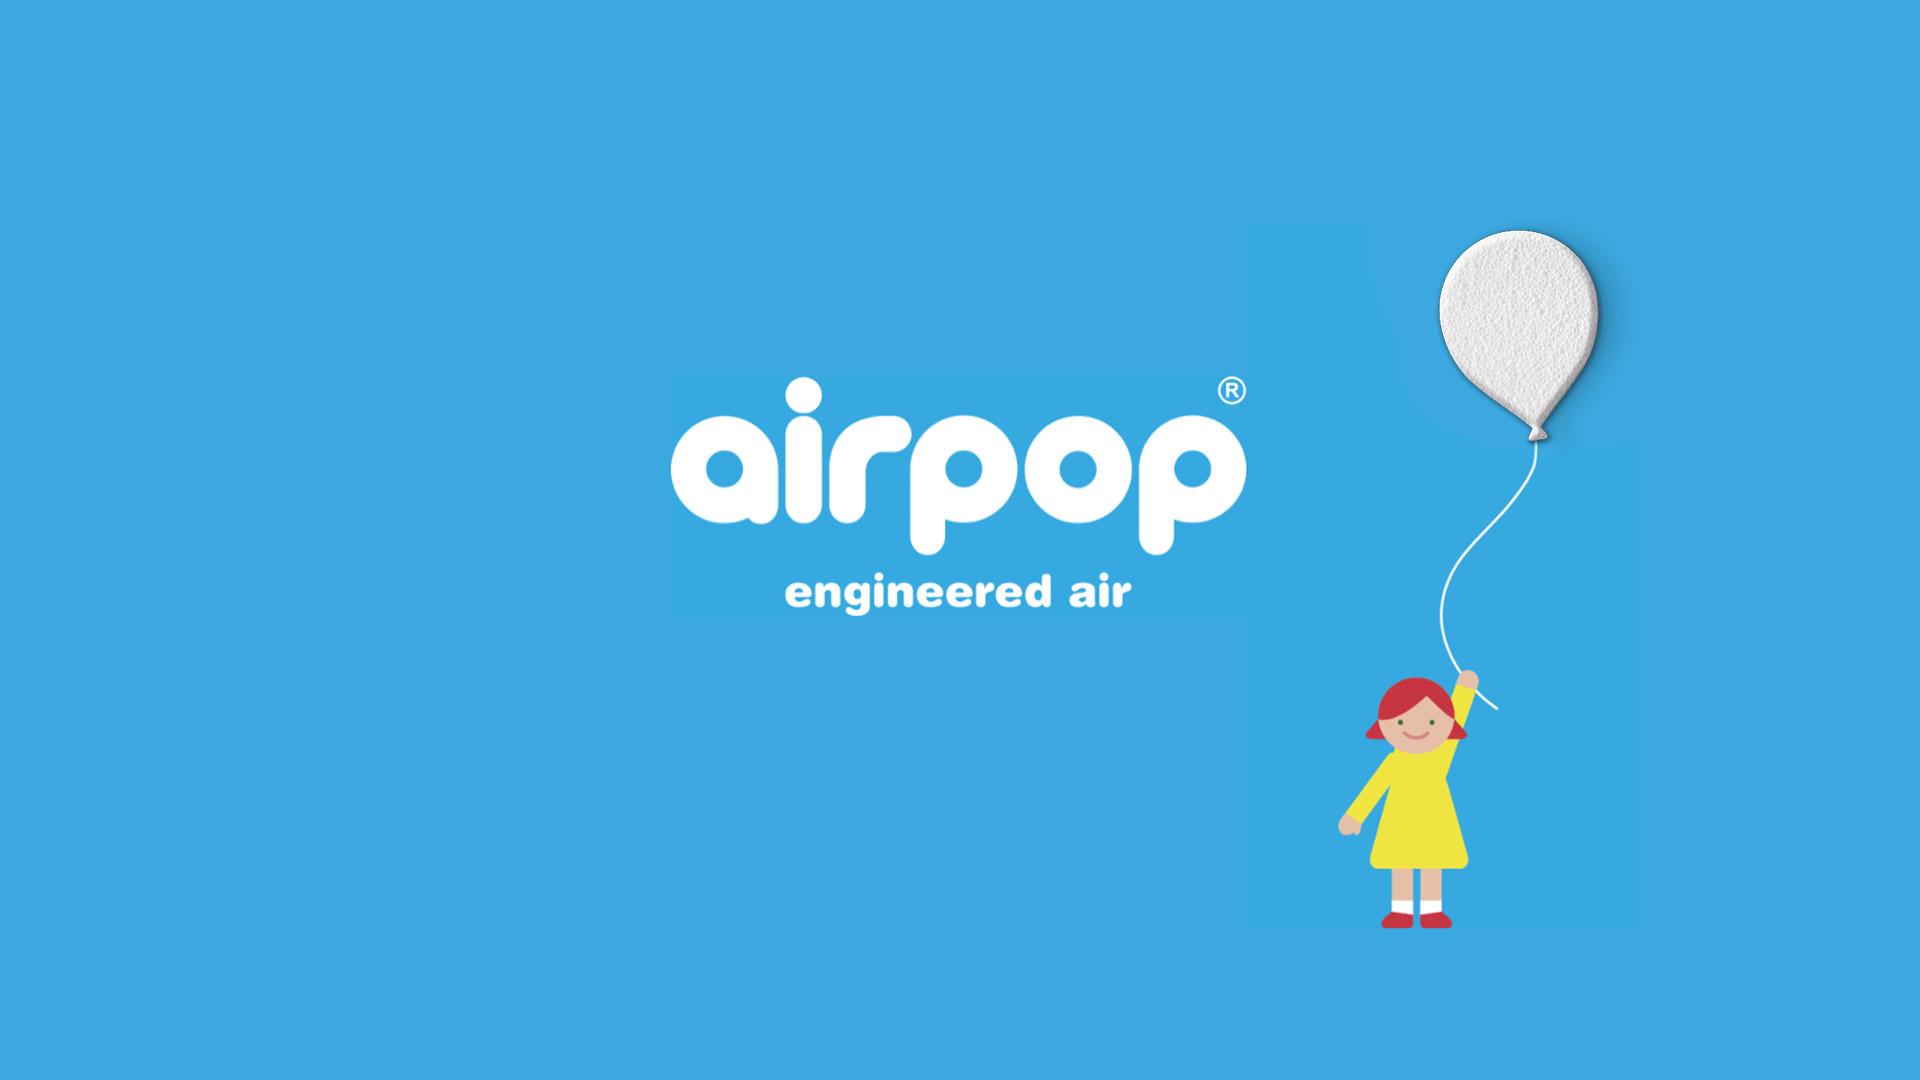 airpop®